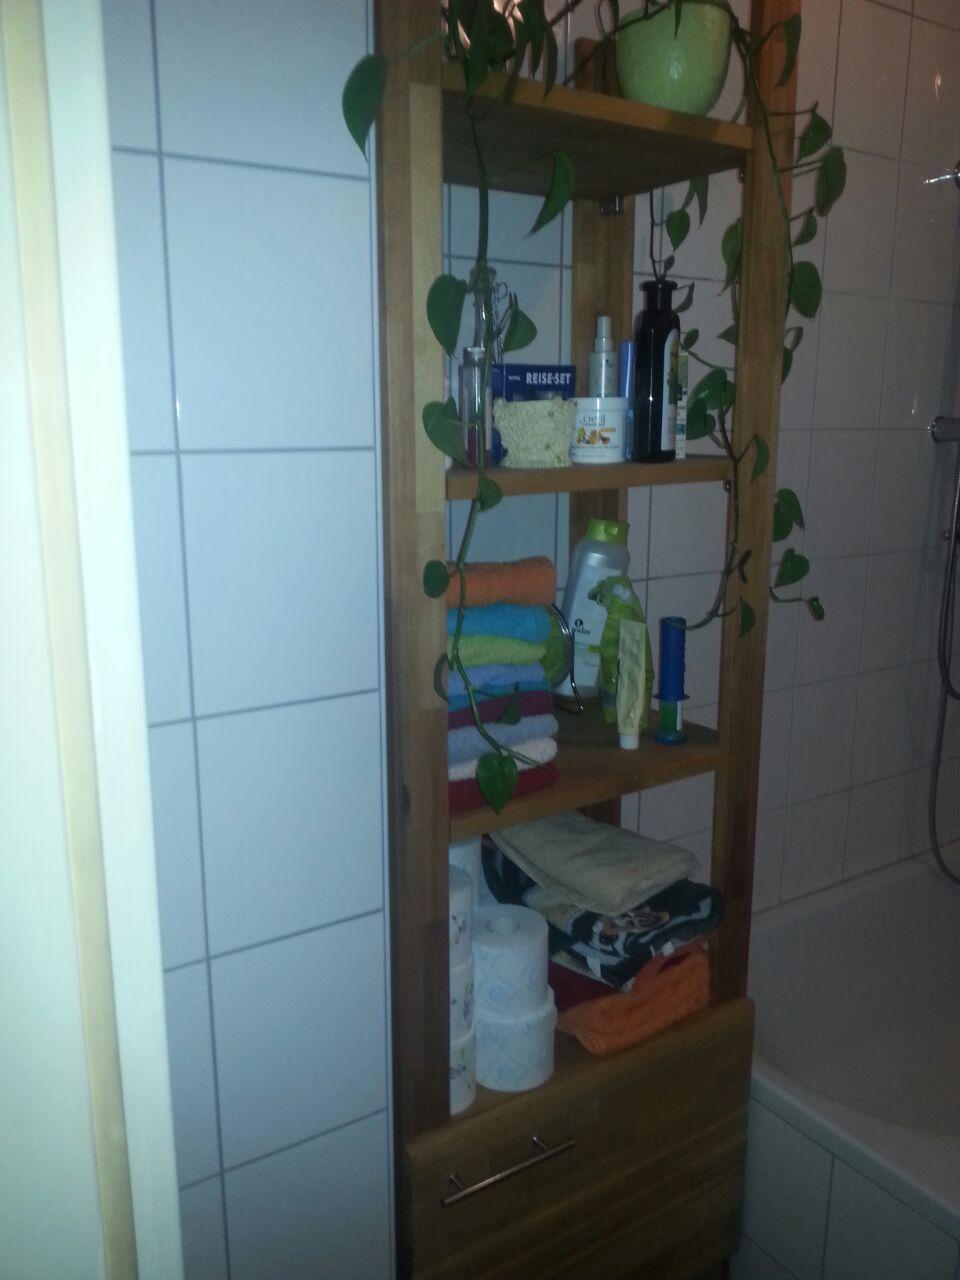 Platz in der kleinsten Ecke | DIY also einen Badschrank oder ...